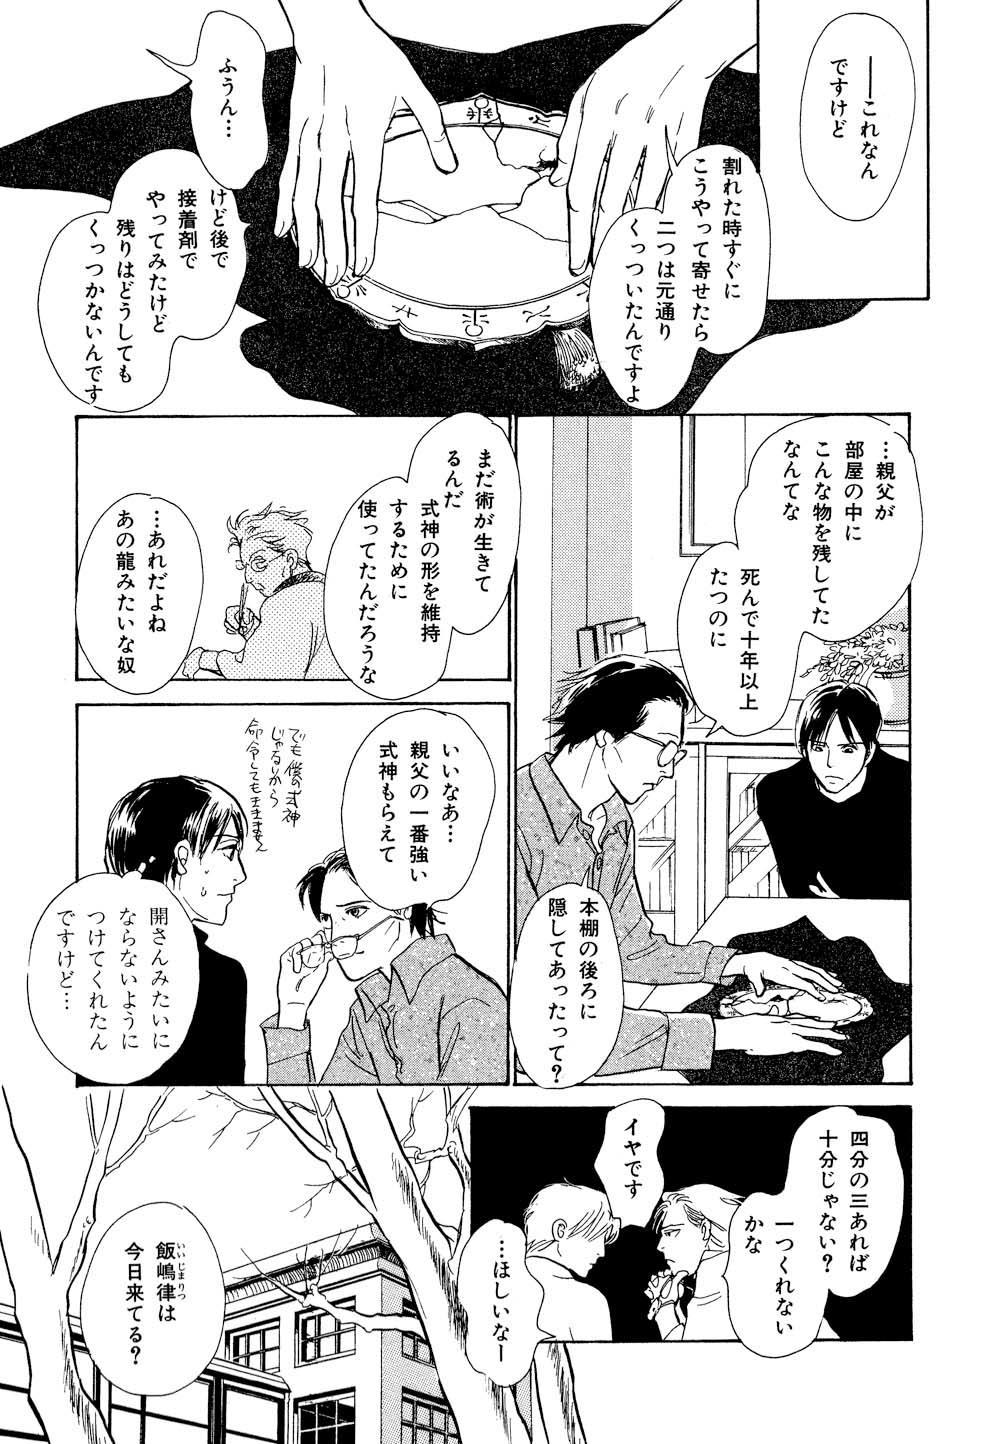 百鬼夜行抄_13_0095.jpg